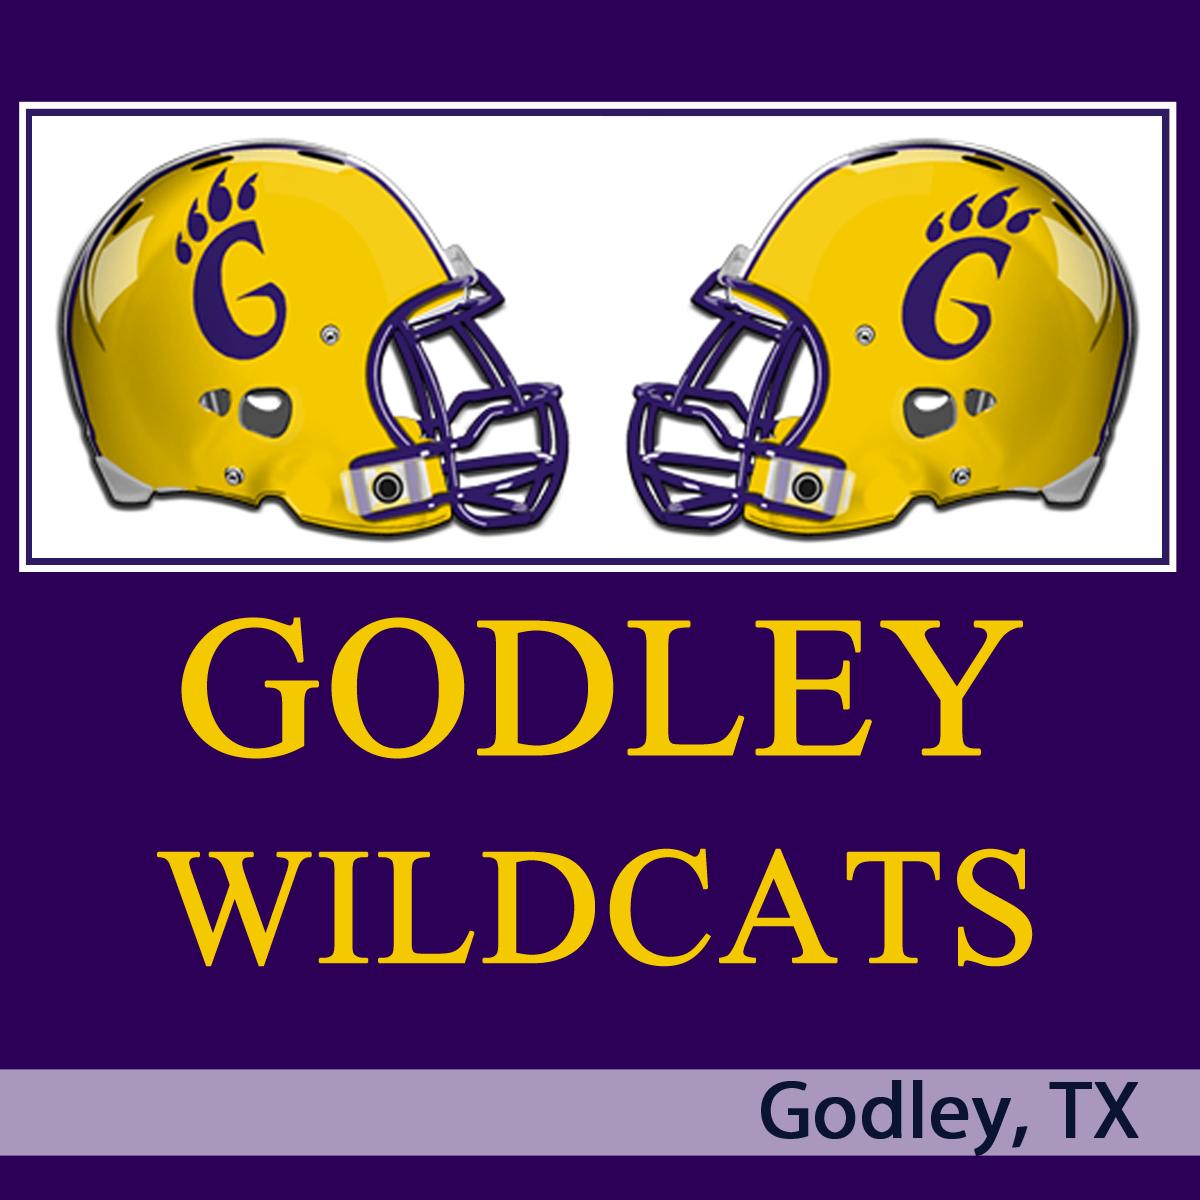 Godley, TX